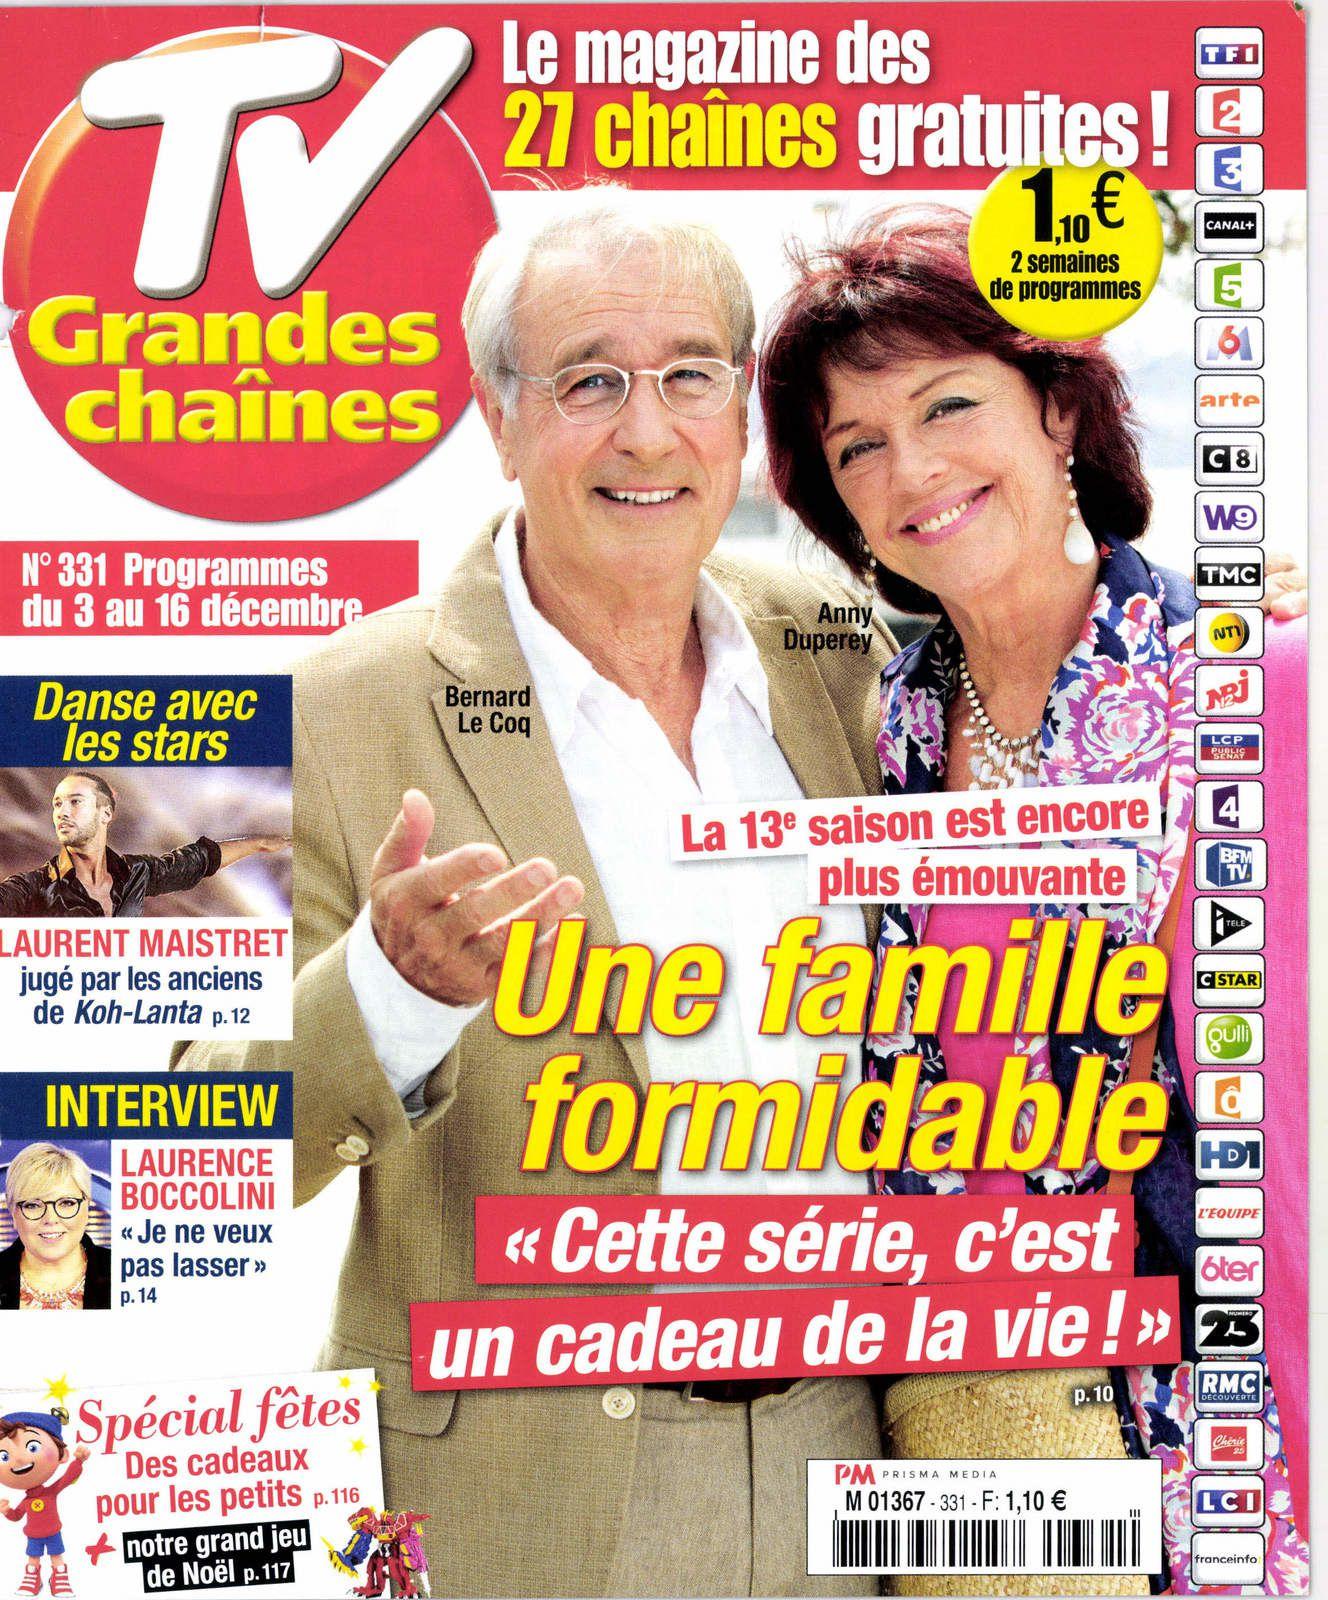 La Une des hebdos TV ce lundi : M. Pokora, Laurent Maistret, Jean-Jacques Goldman...